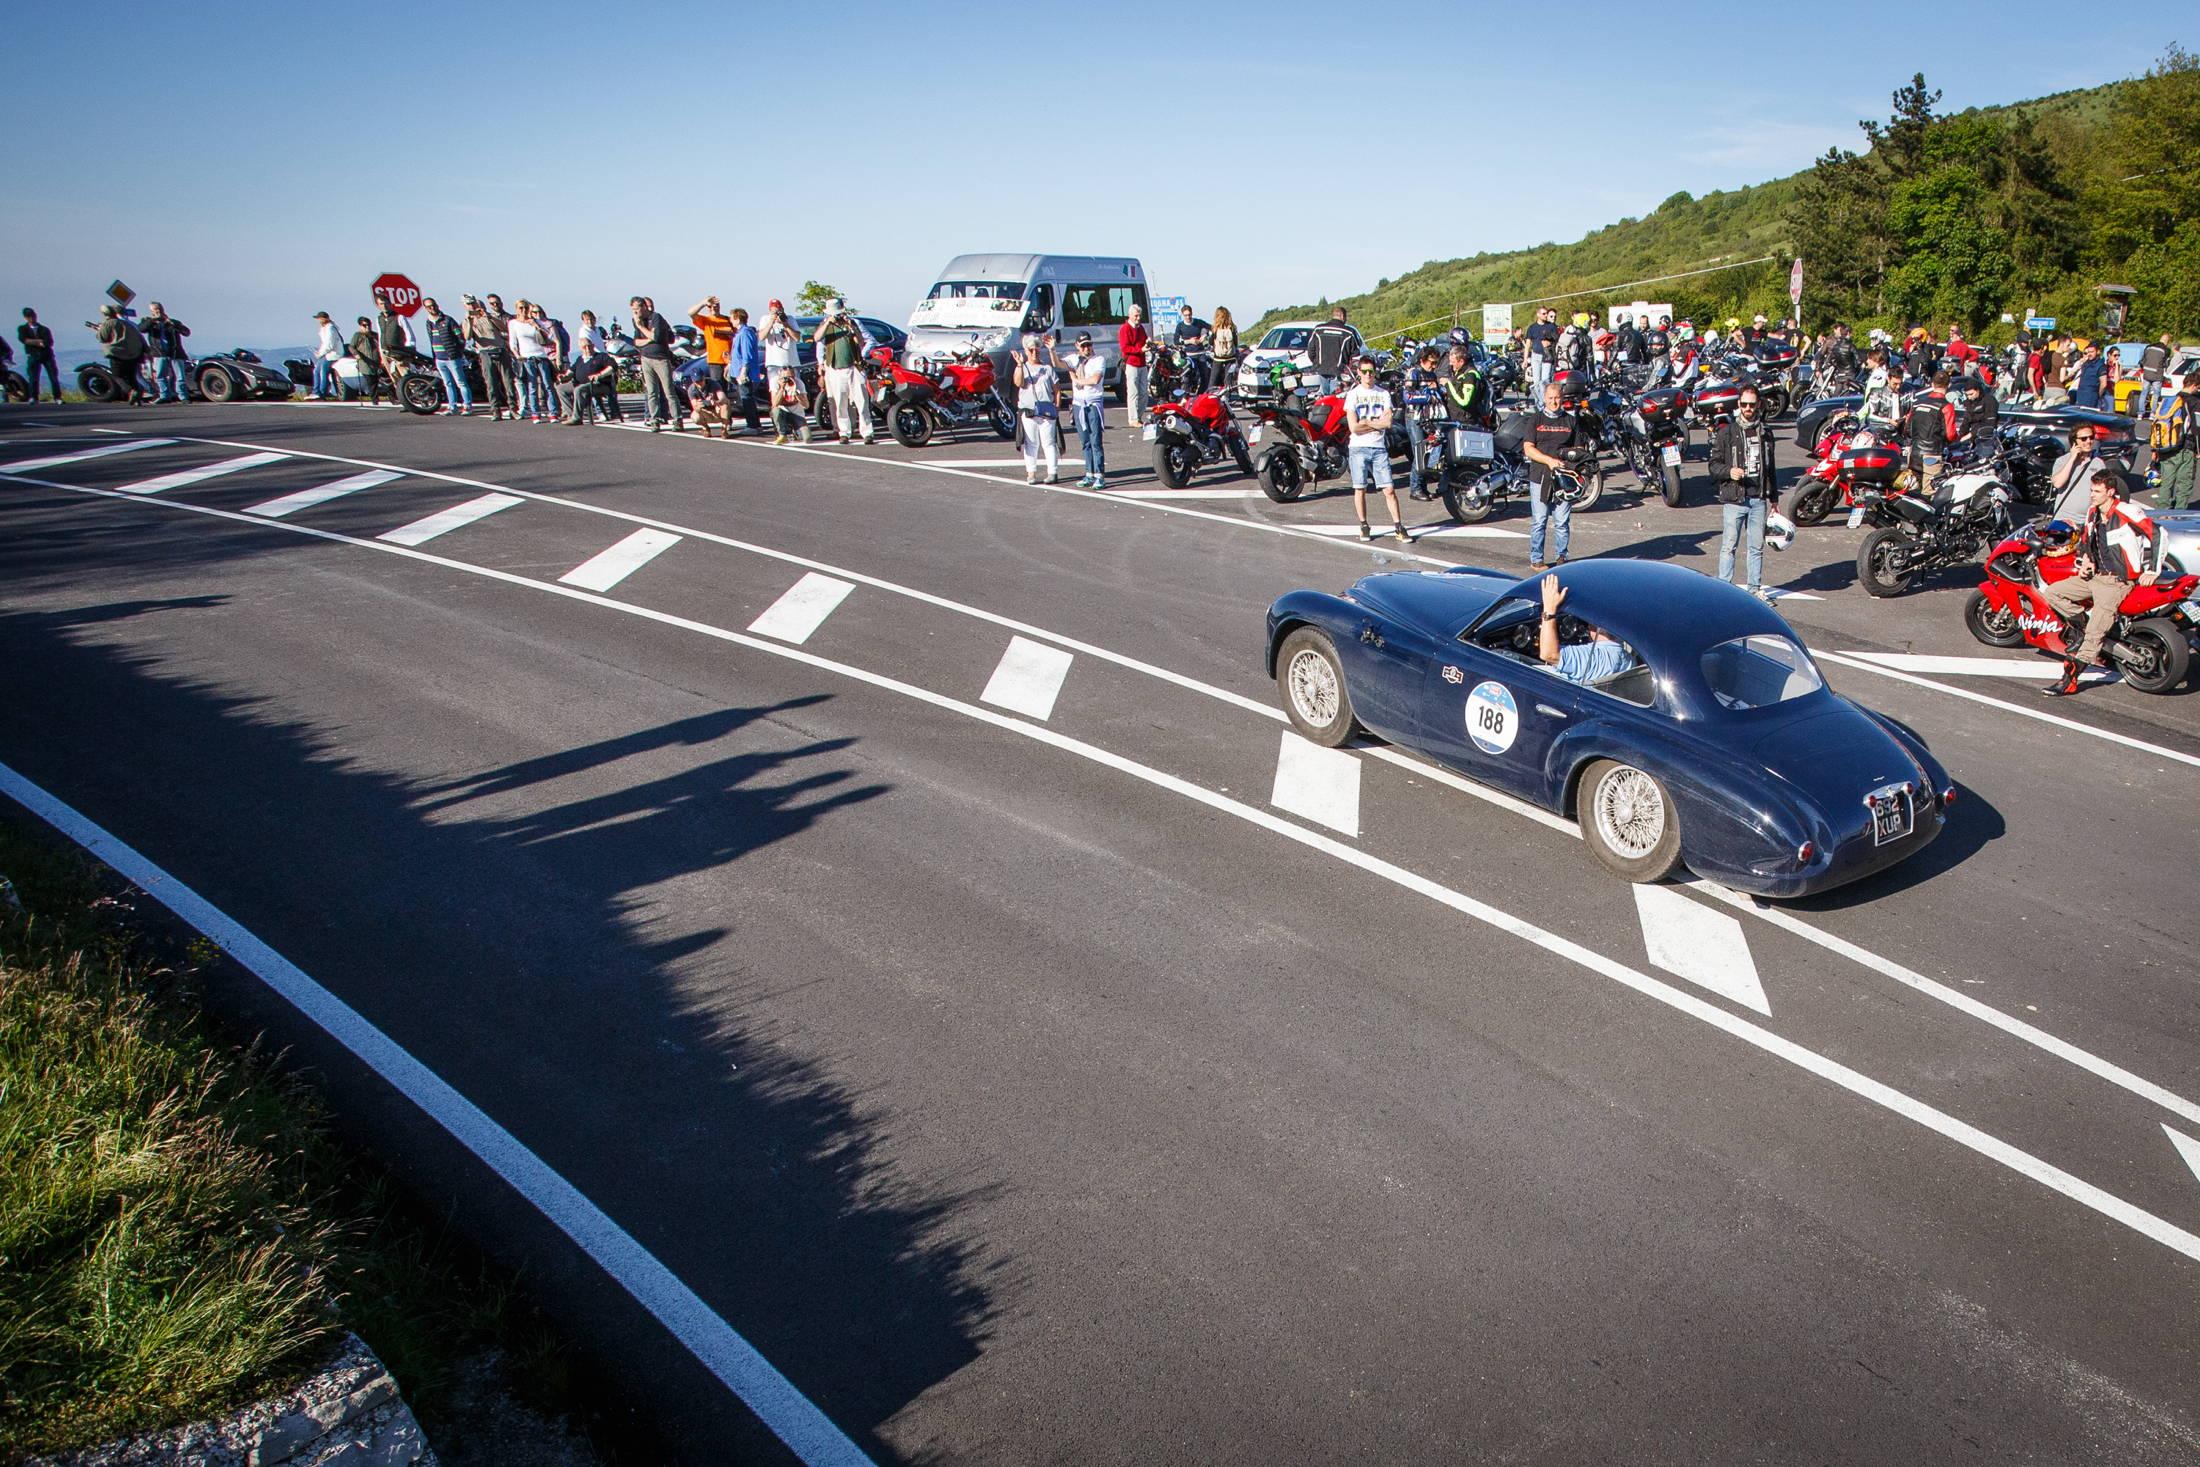 1000 Miglia historic road race